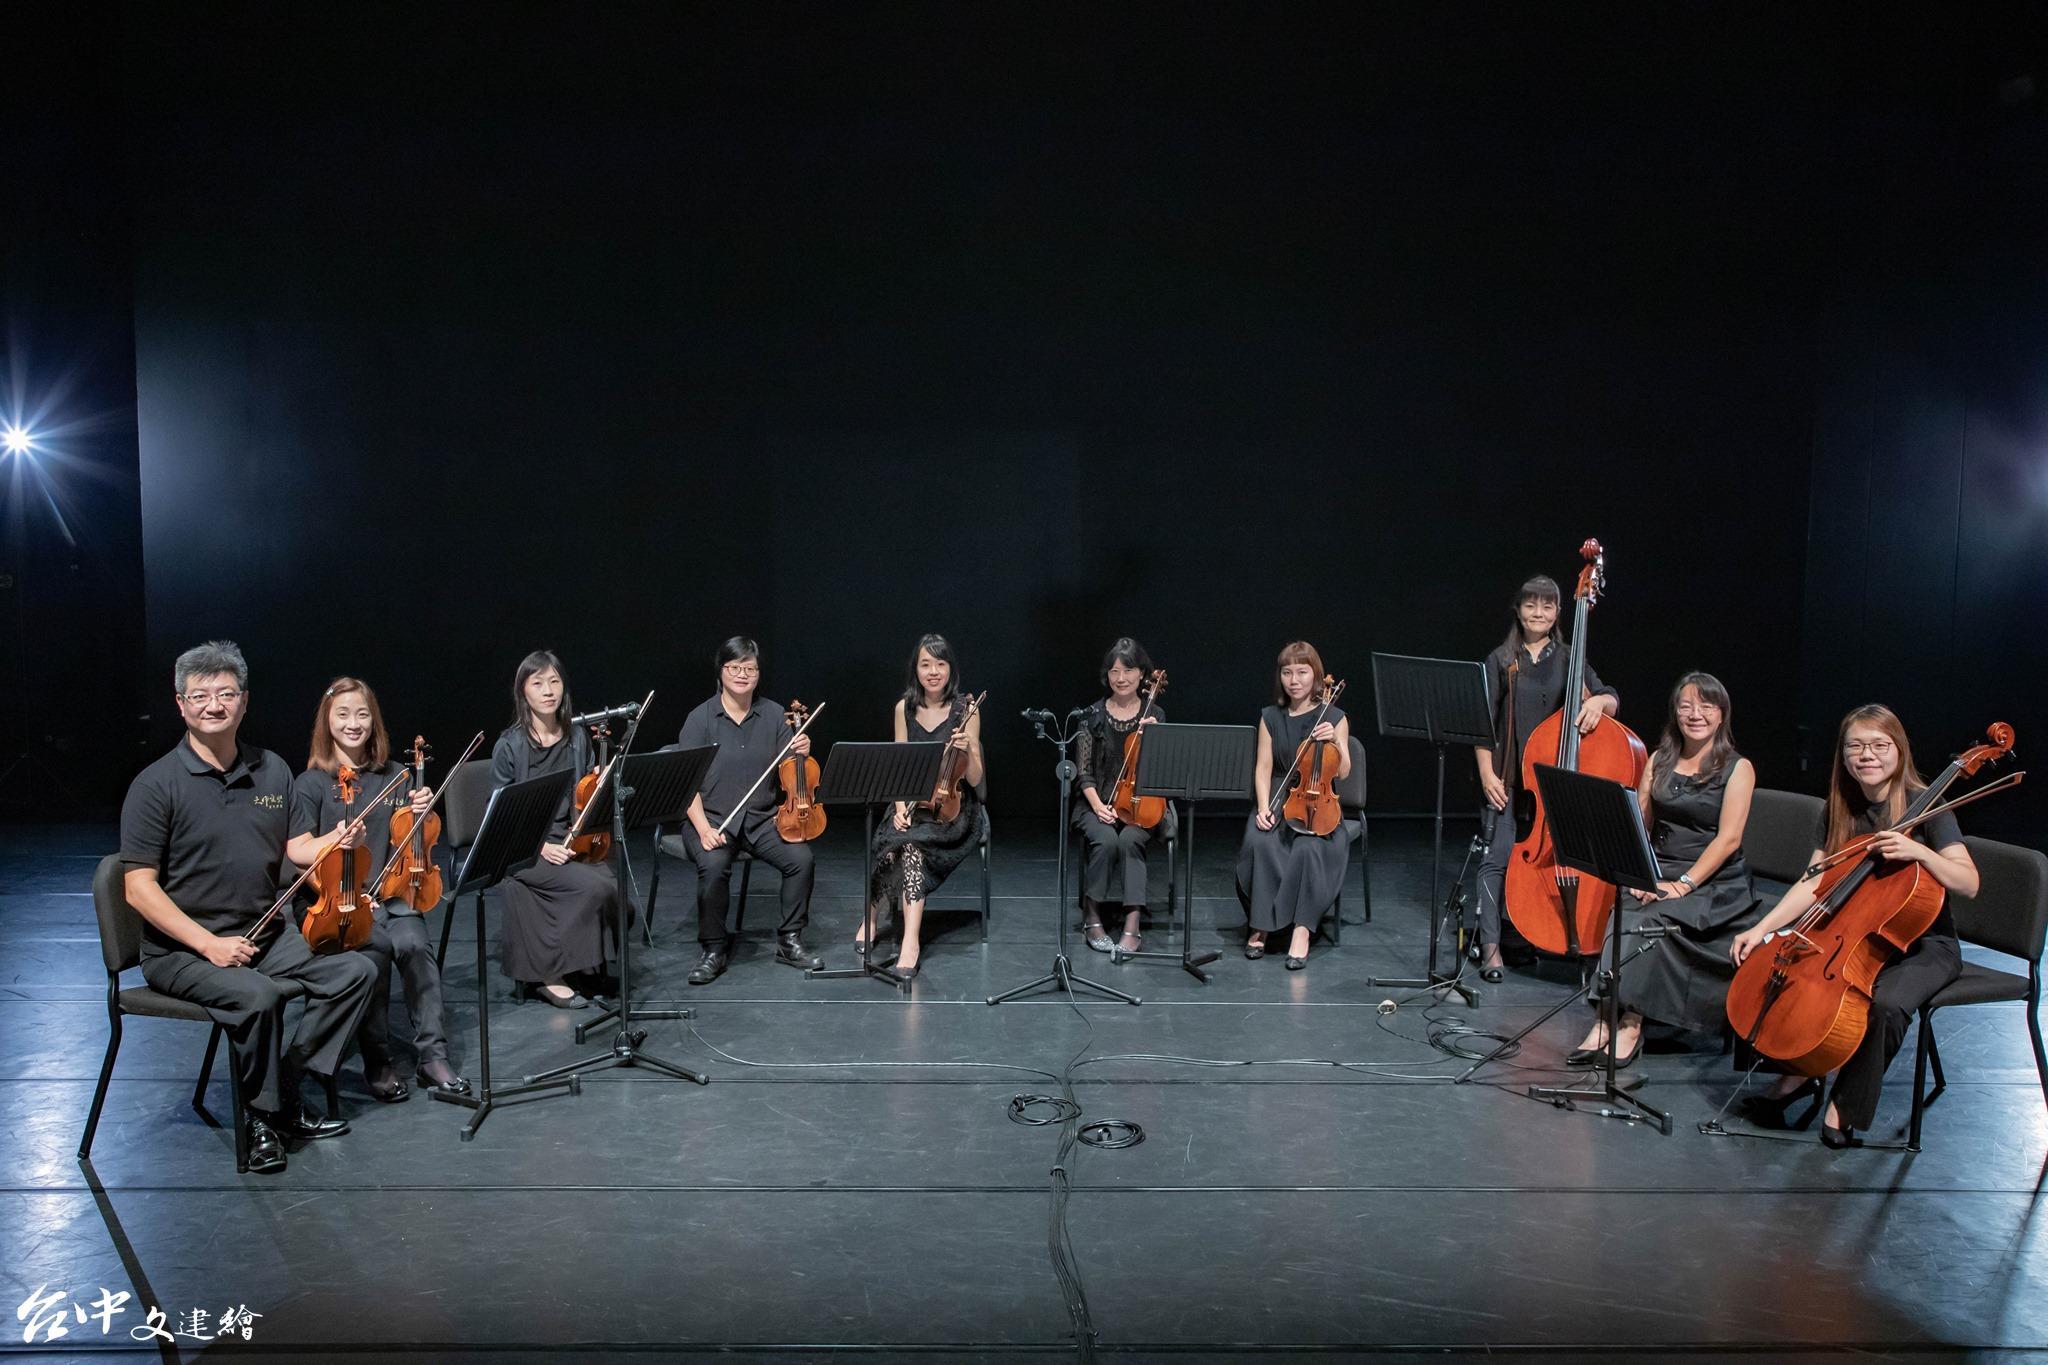 大甲愛樂室內樂團參與台中歌劇院創館以來首檔自製歌劇「糖果屋」演出。(圖:「大甲愛樂室內樂團」粉專)